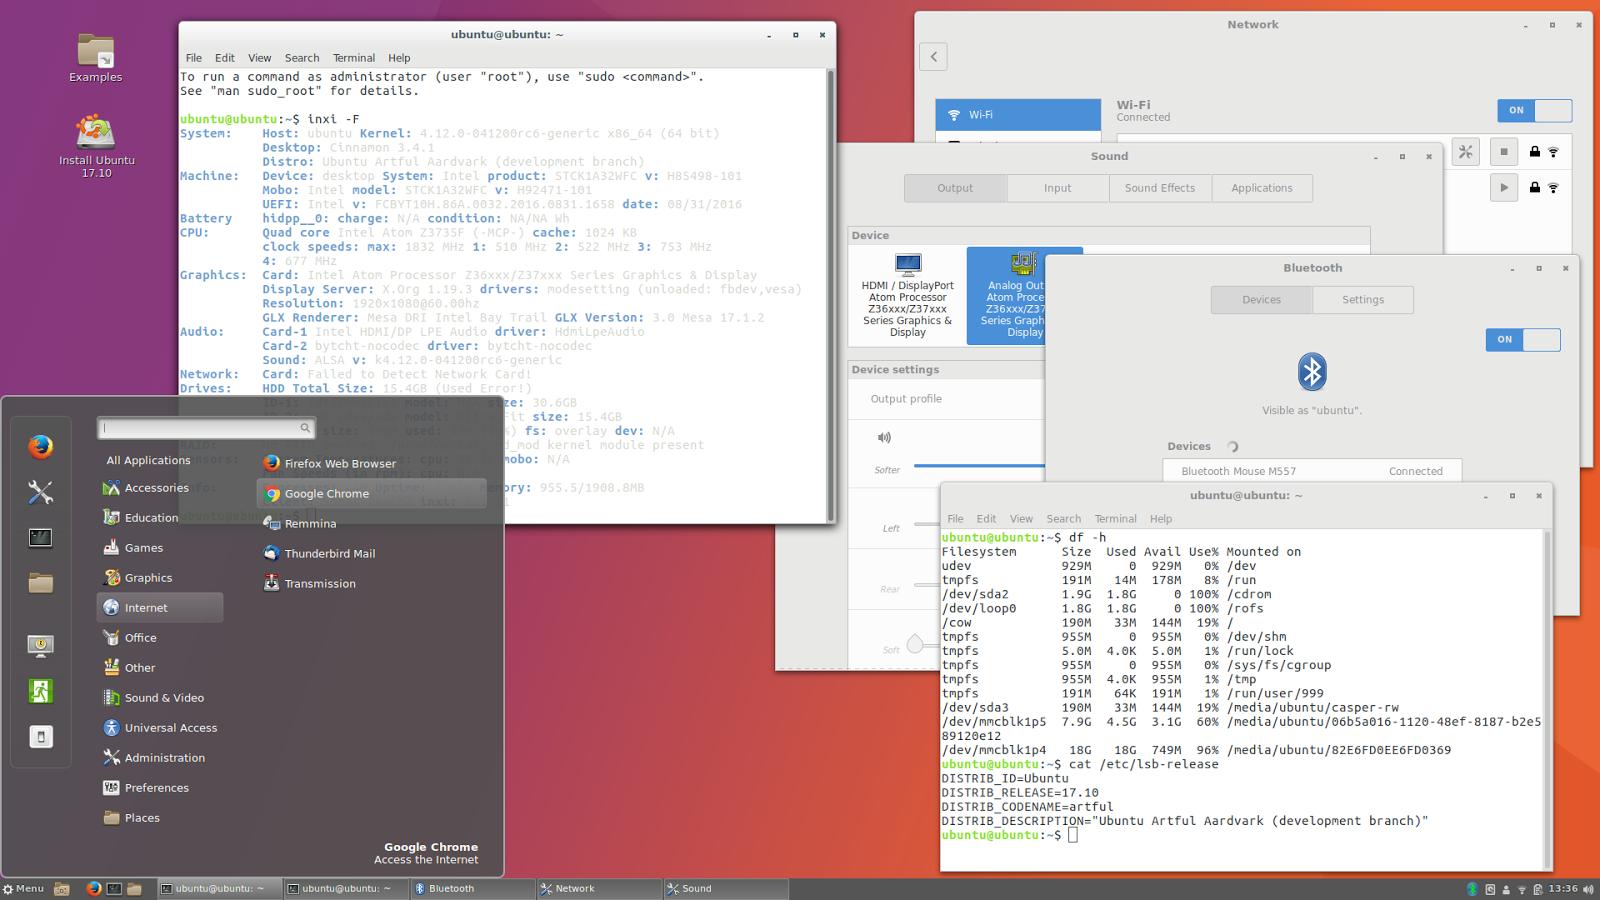 linuxium com au: Third look at Ubuntu 17 10: spicing up Artful